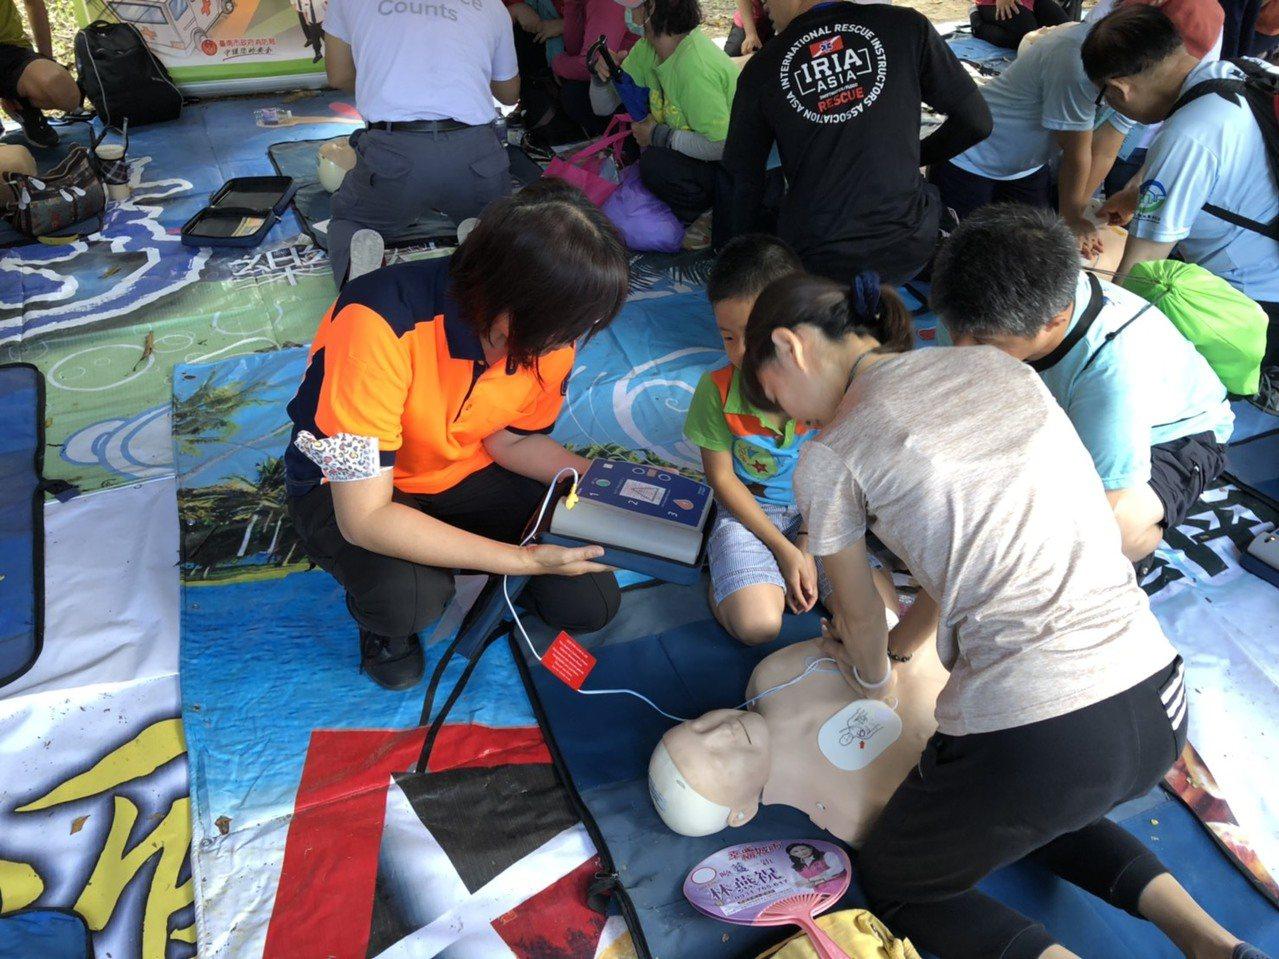 台南市消防局加強教導民眾學習心肺復甦術,提高急救存活率。記者黃宣翰/翻攝